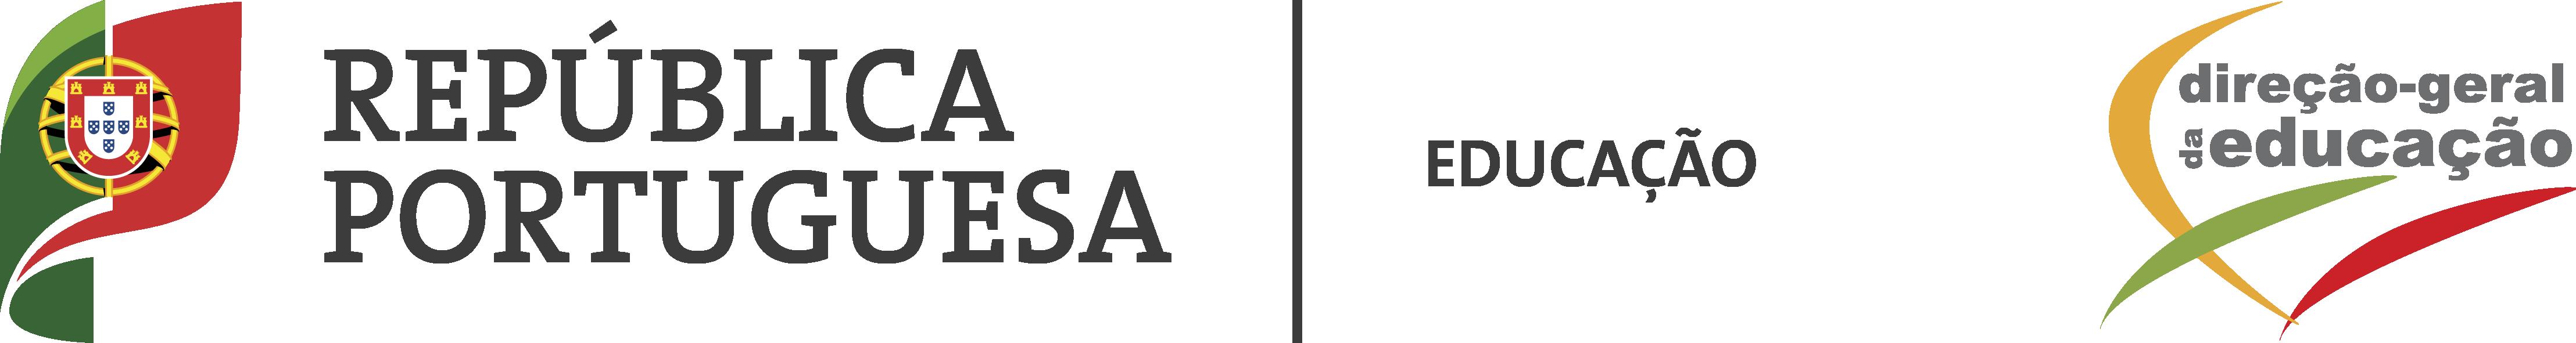 Logotipo Direção-Geral da Educação